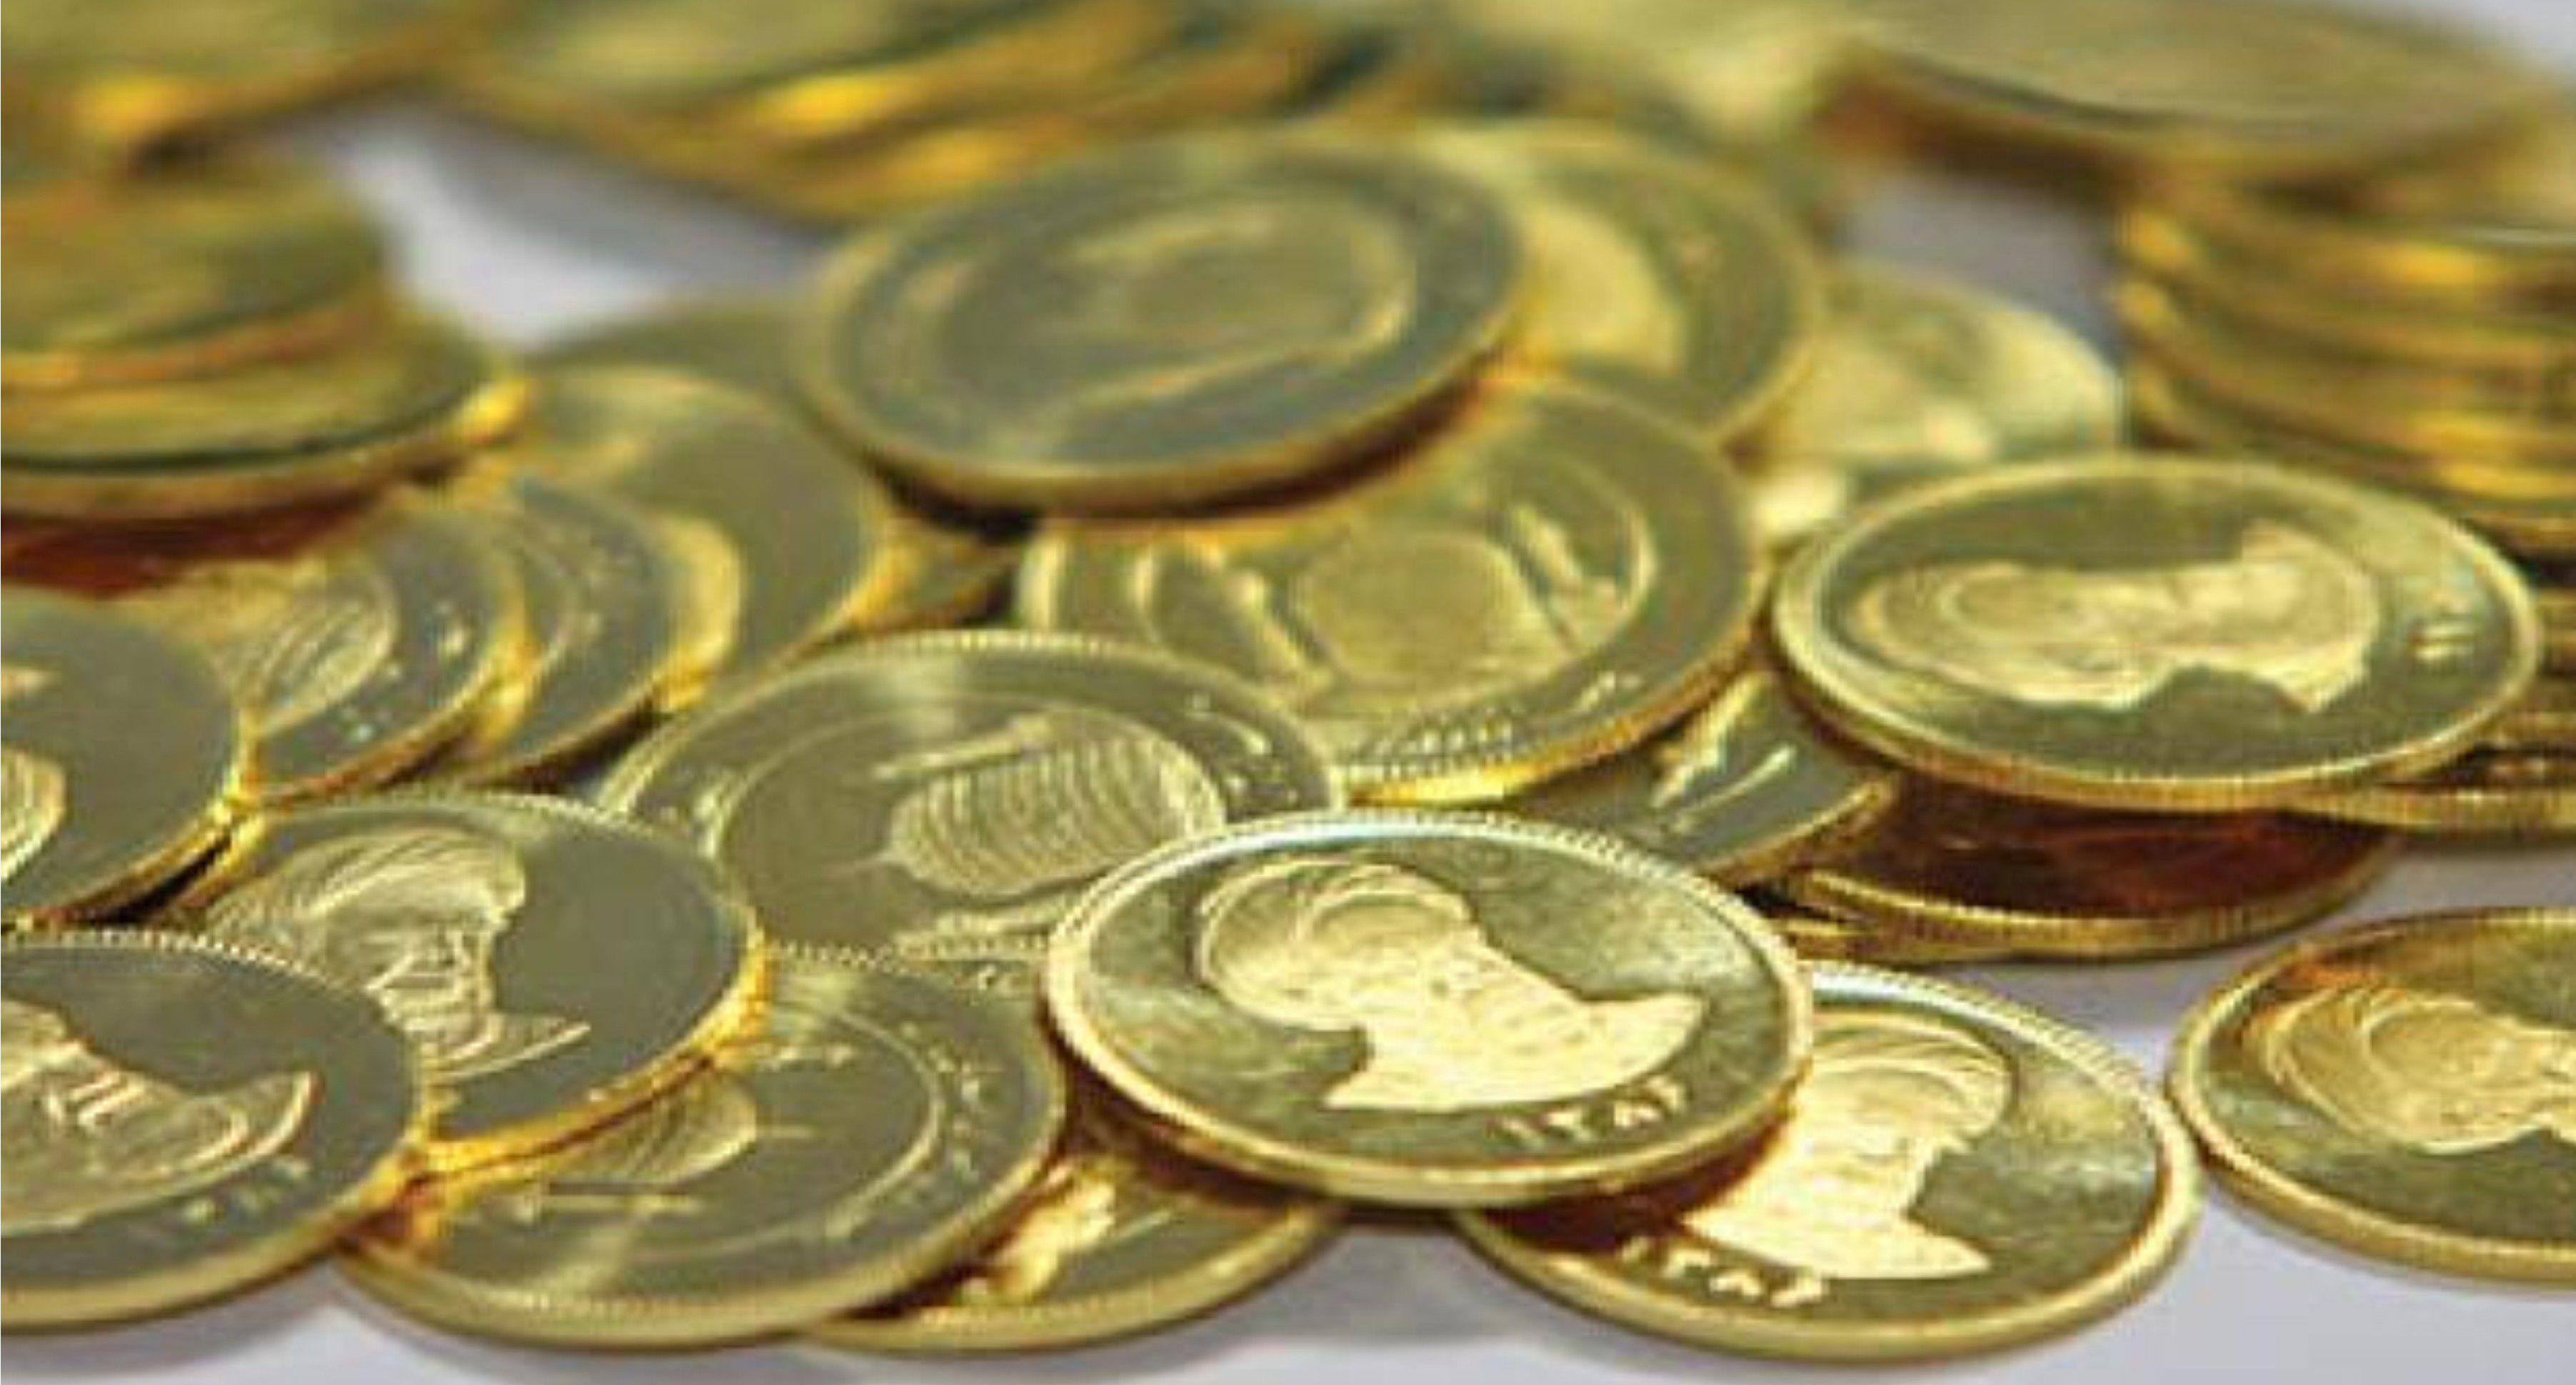 قیمت سکه ۱۴ تیر ۱۴۰۰ به ۱۰ میلیون و ۶۴۰ هزار تومان رسید